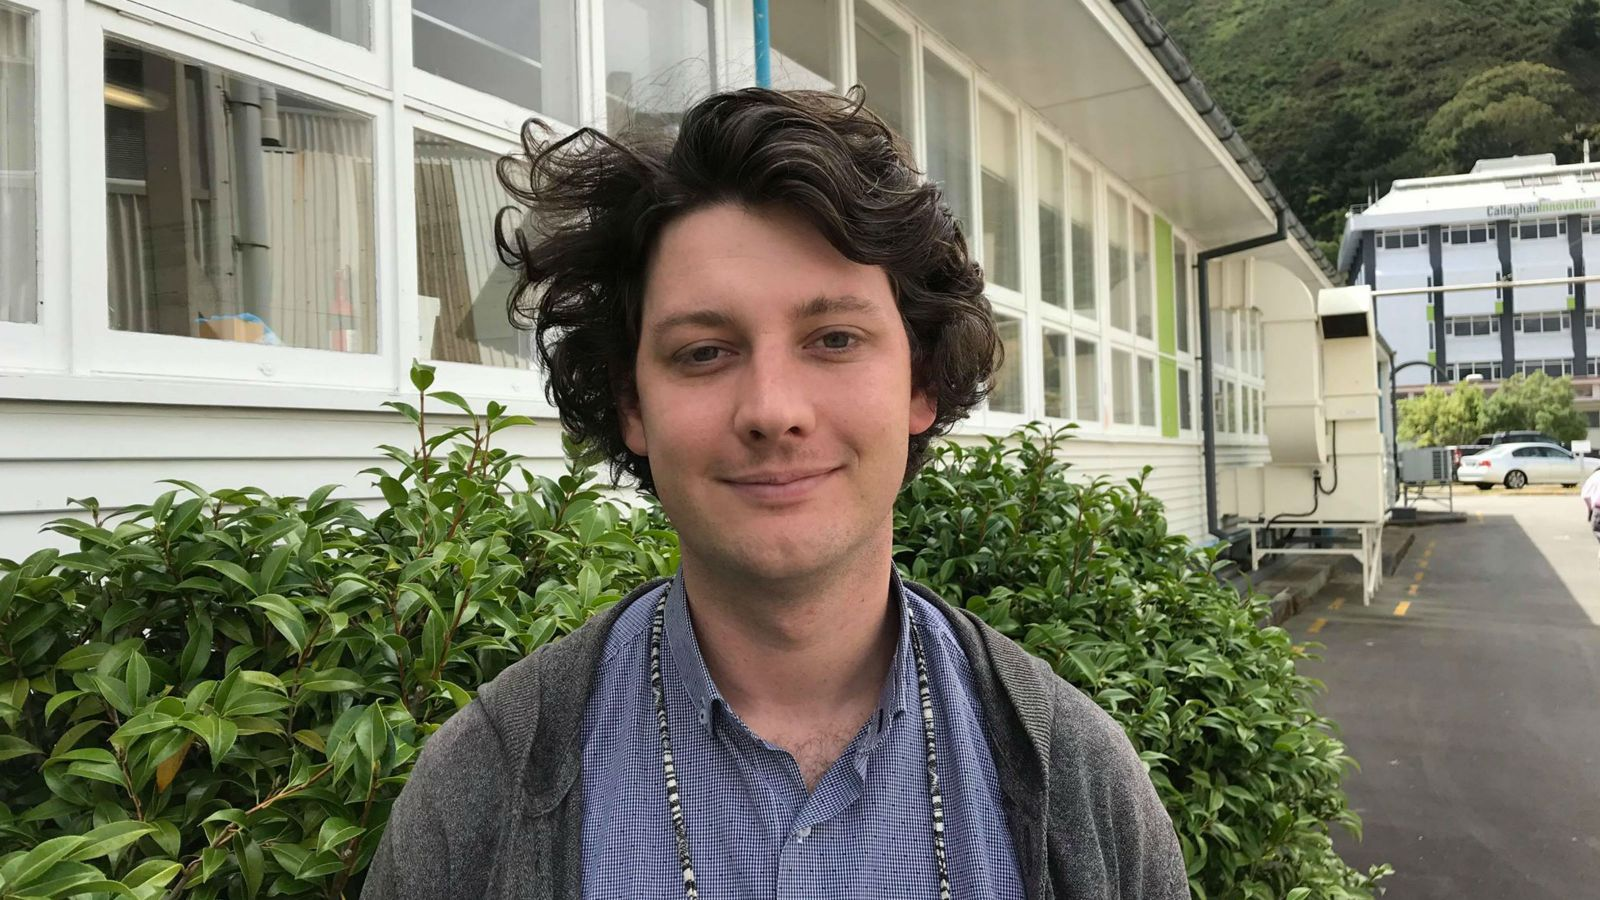 Photo of Liam Sargison